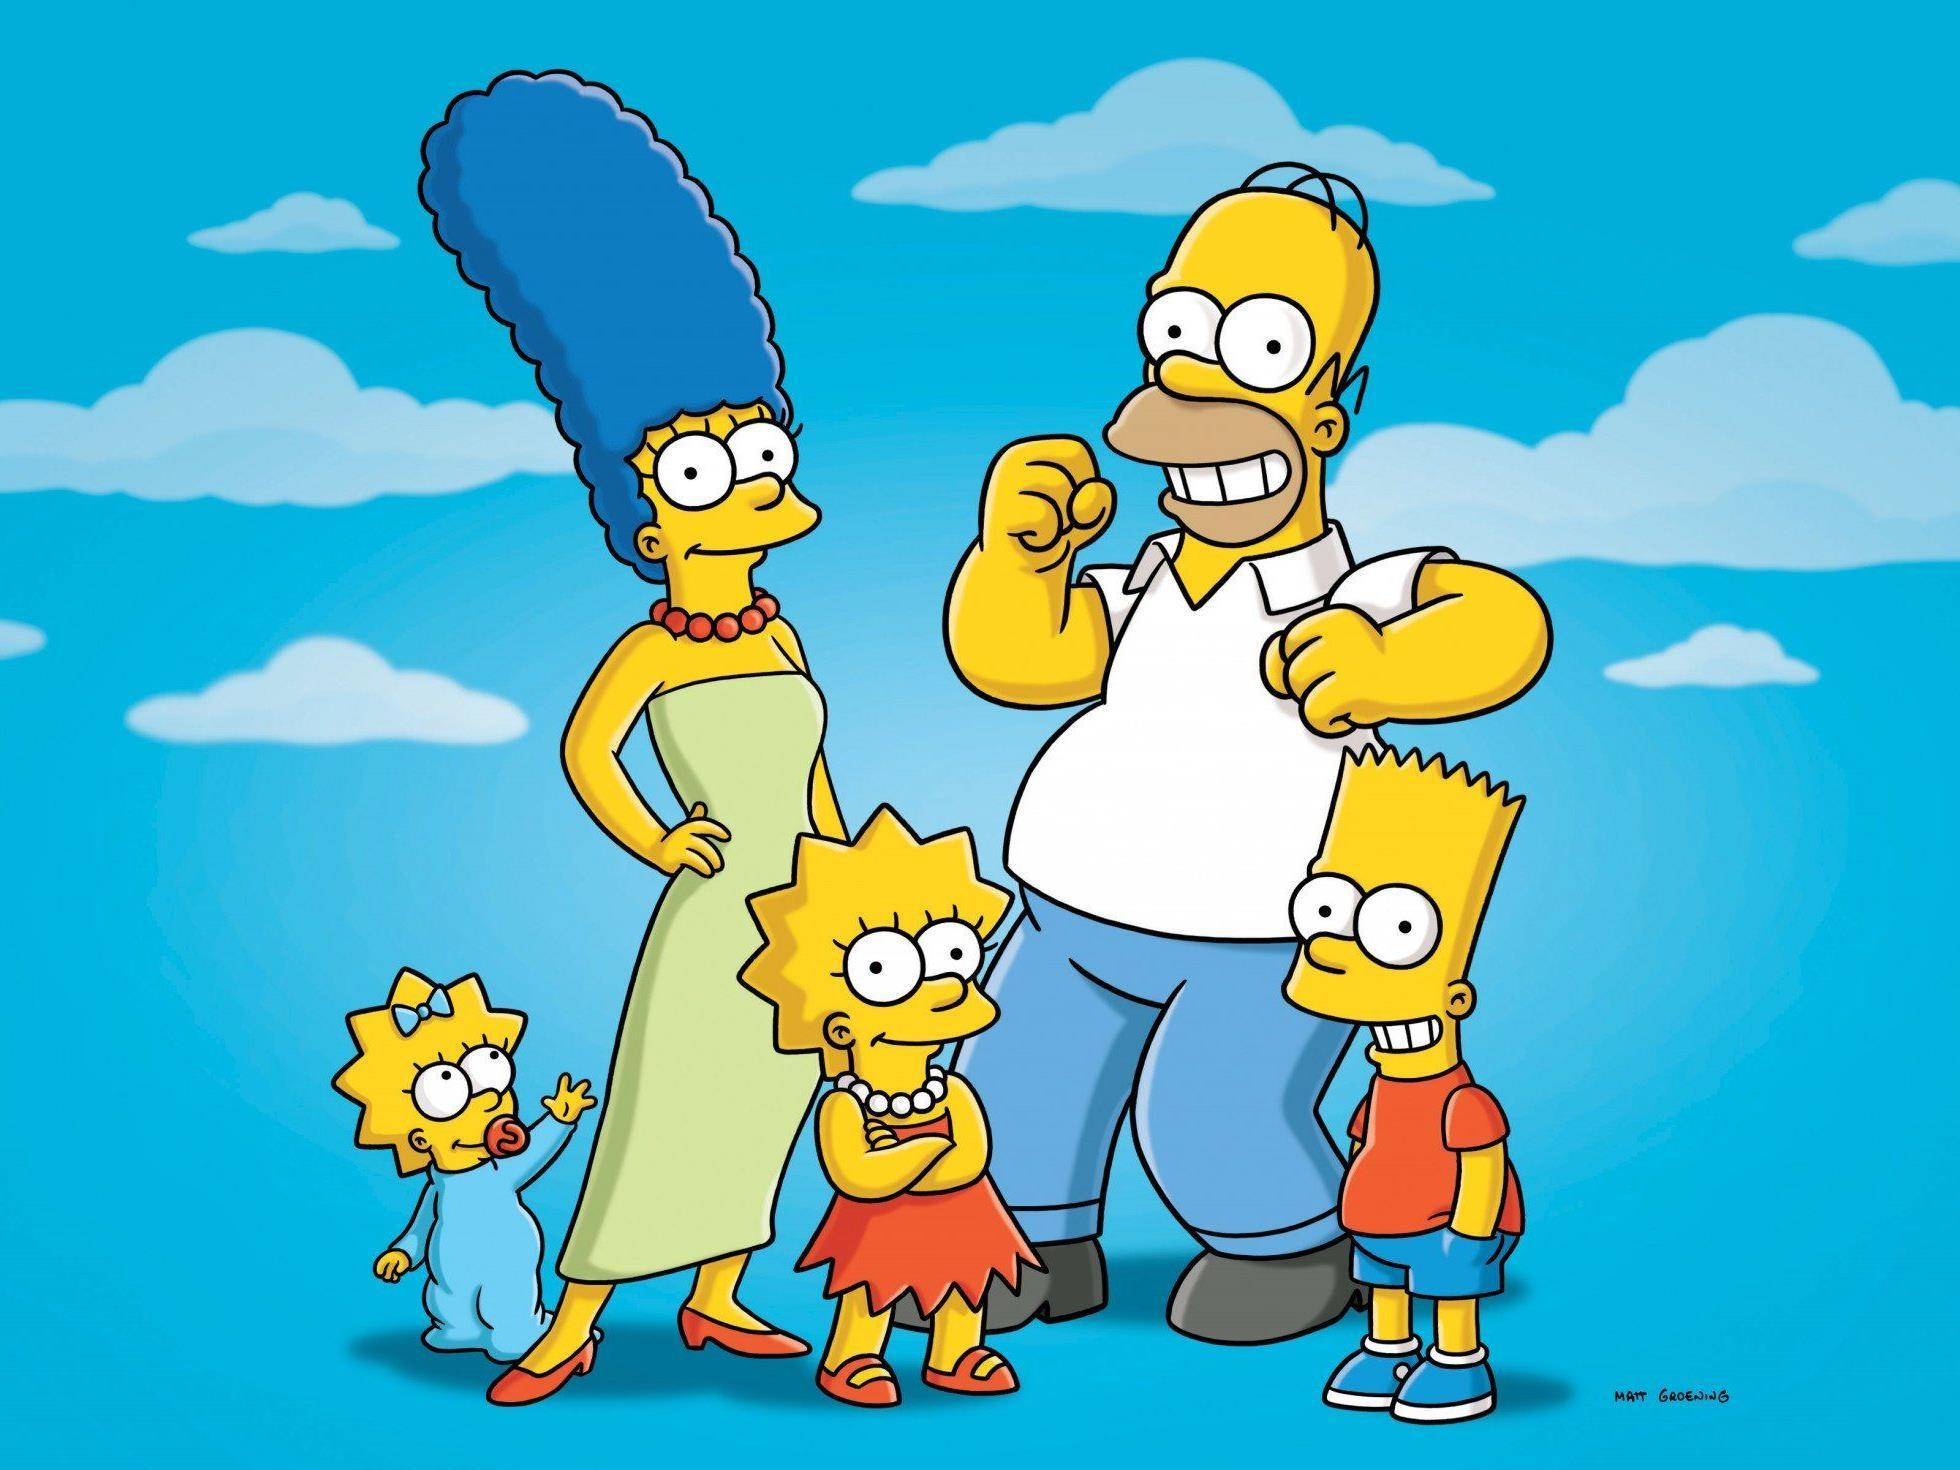 """Geschichtsforscher untersuchte Darstellung von Homosexualität in der Kult-Serie """"The Simpsons"""""""